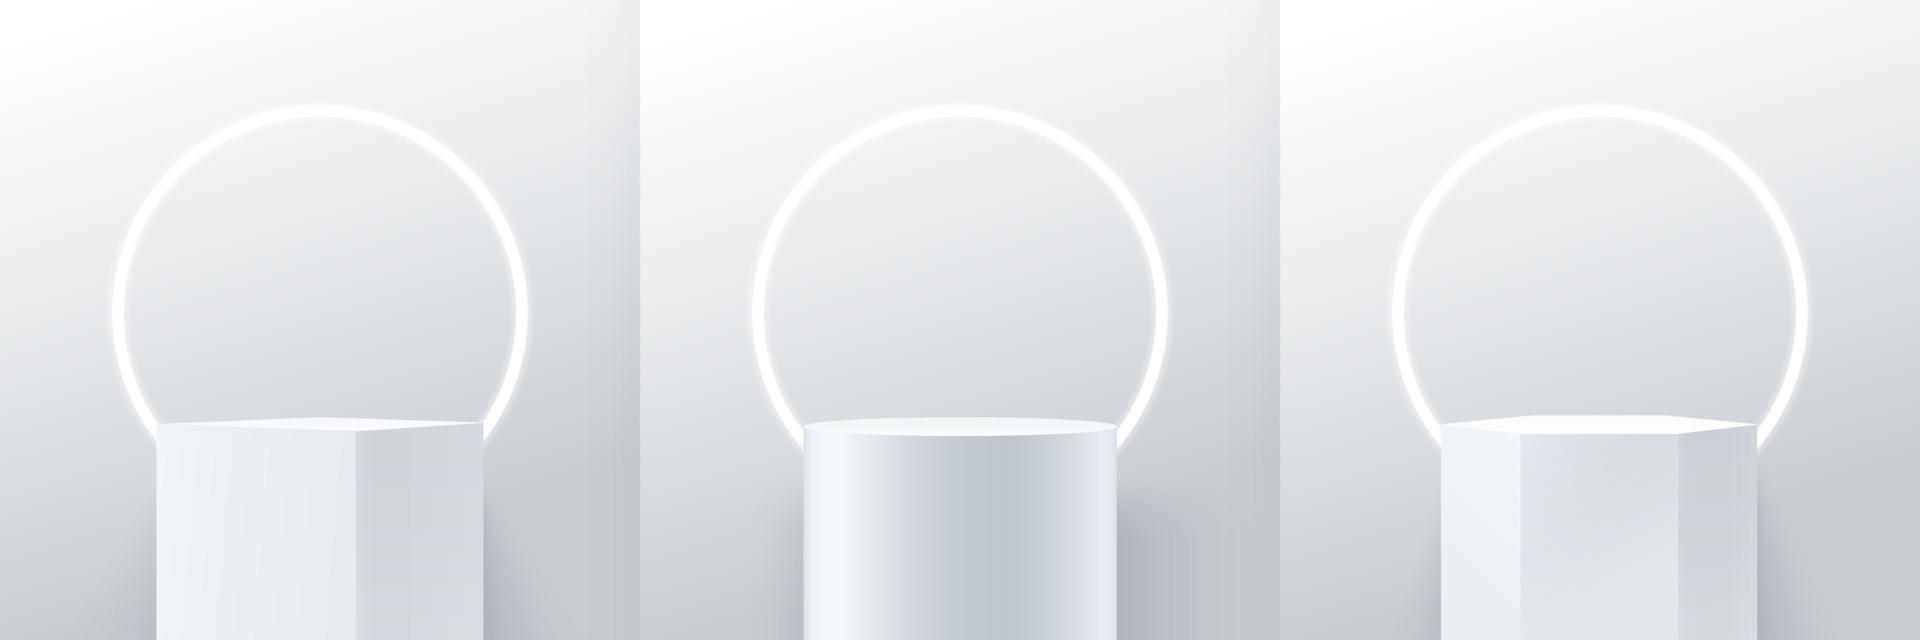 conjunto de cubo abstrato redondo e exibição de hexágono para o produto no site em design moderno. renderização de fundo com pódio e cena de parede de textura mínima, renderização em 3D de forma geométrica cor cinza branco. vetor